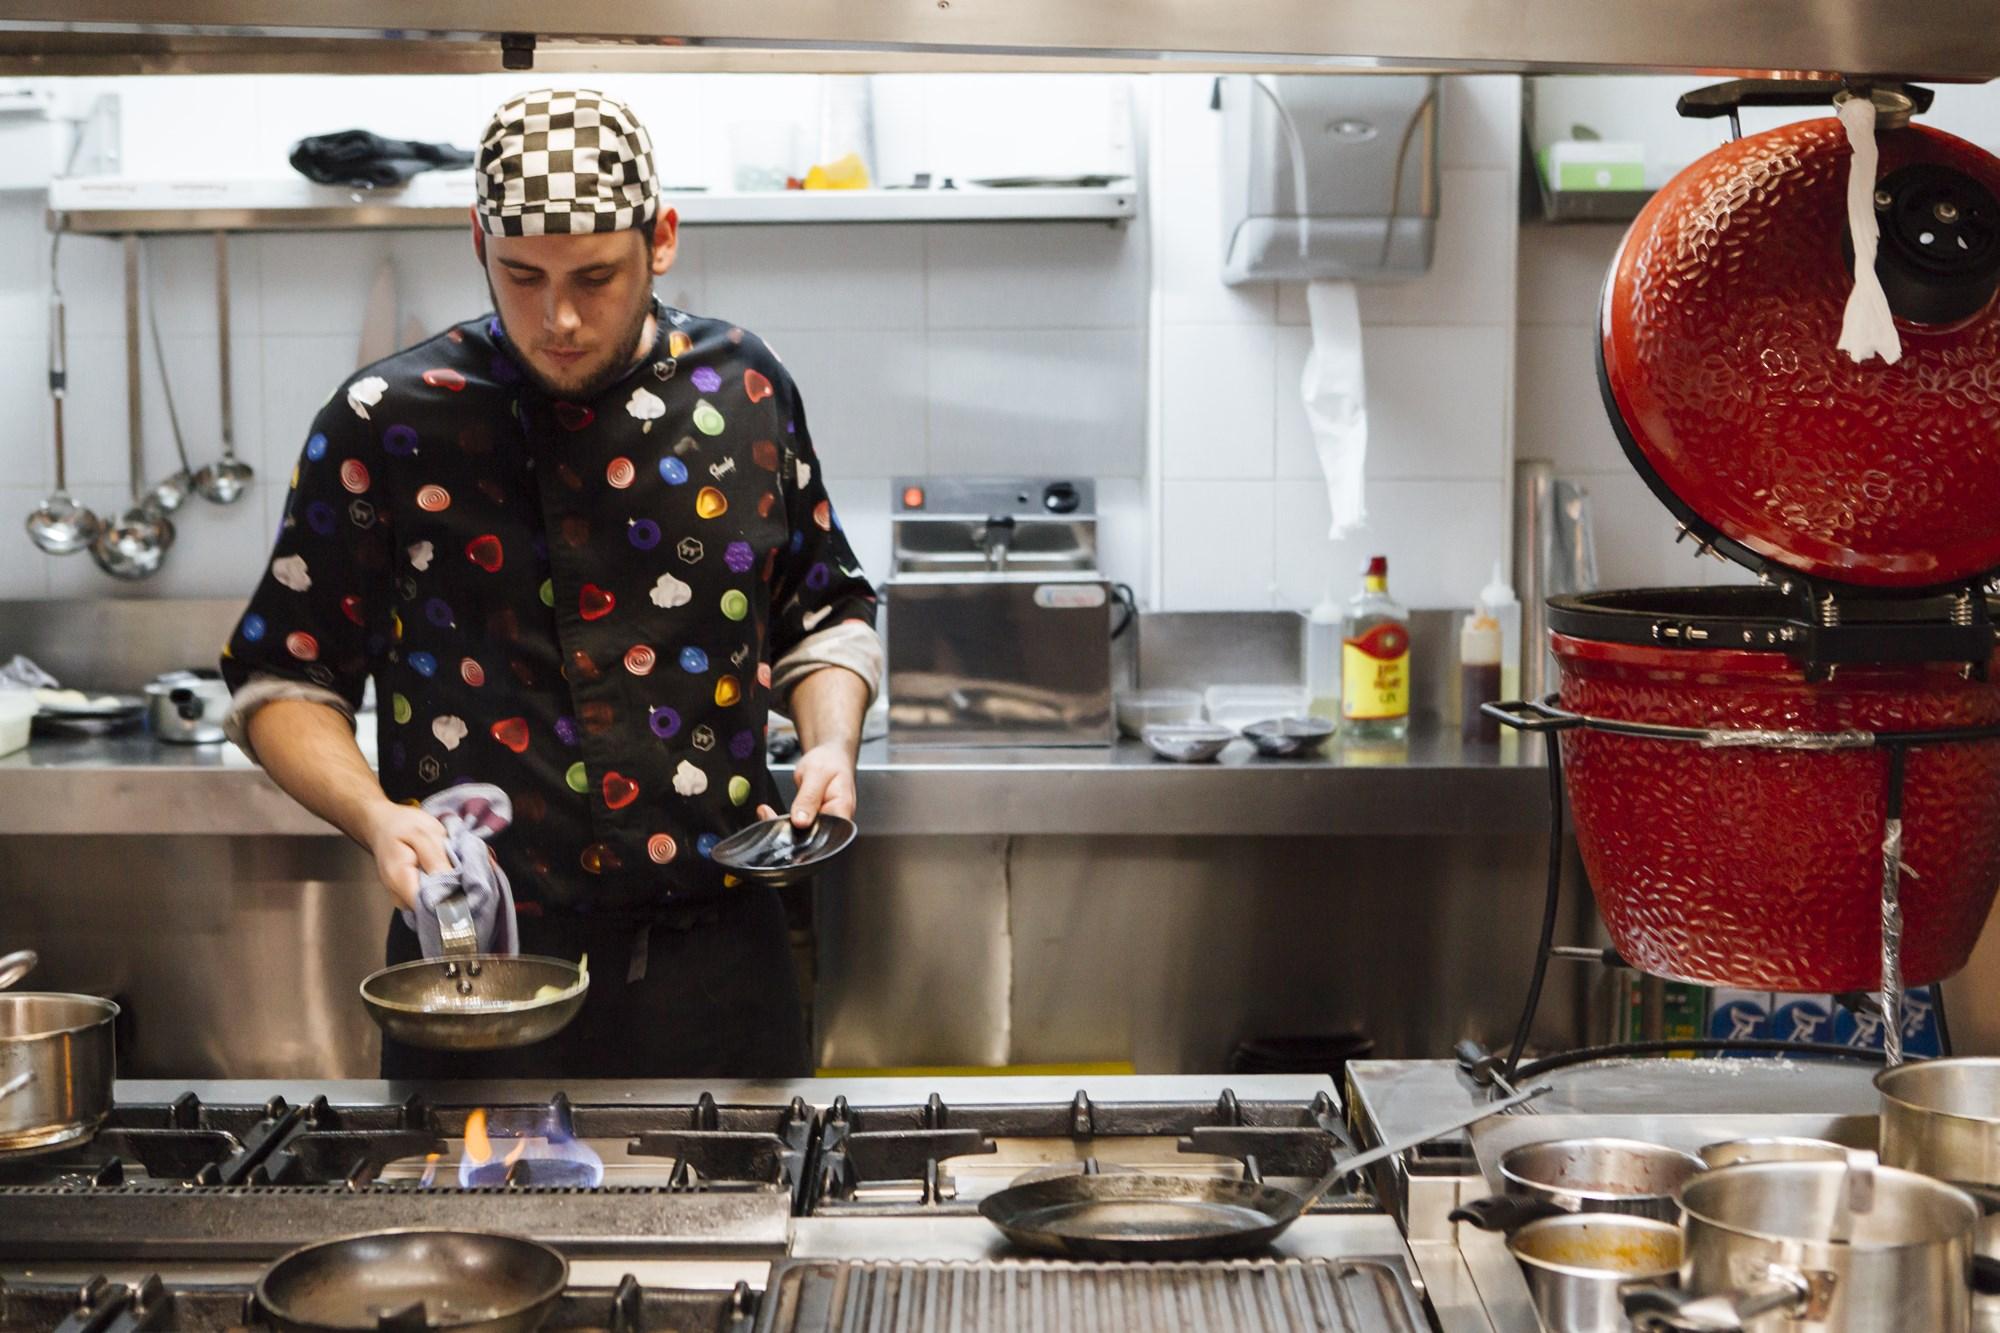 El horno 'kamado' preside la cocina.